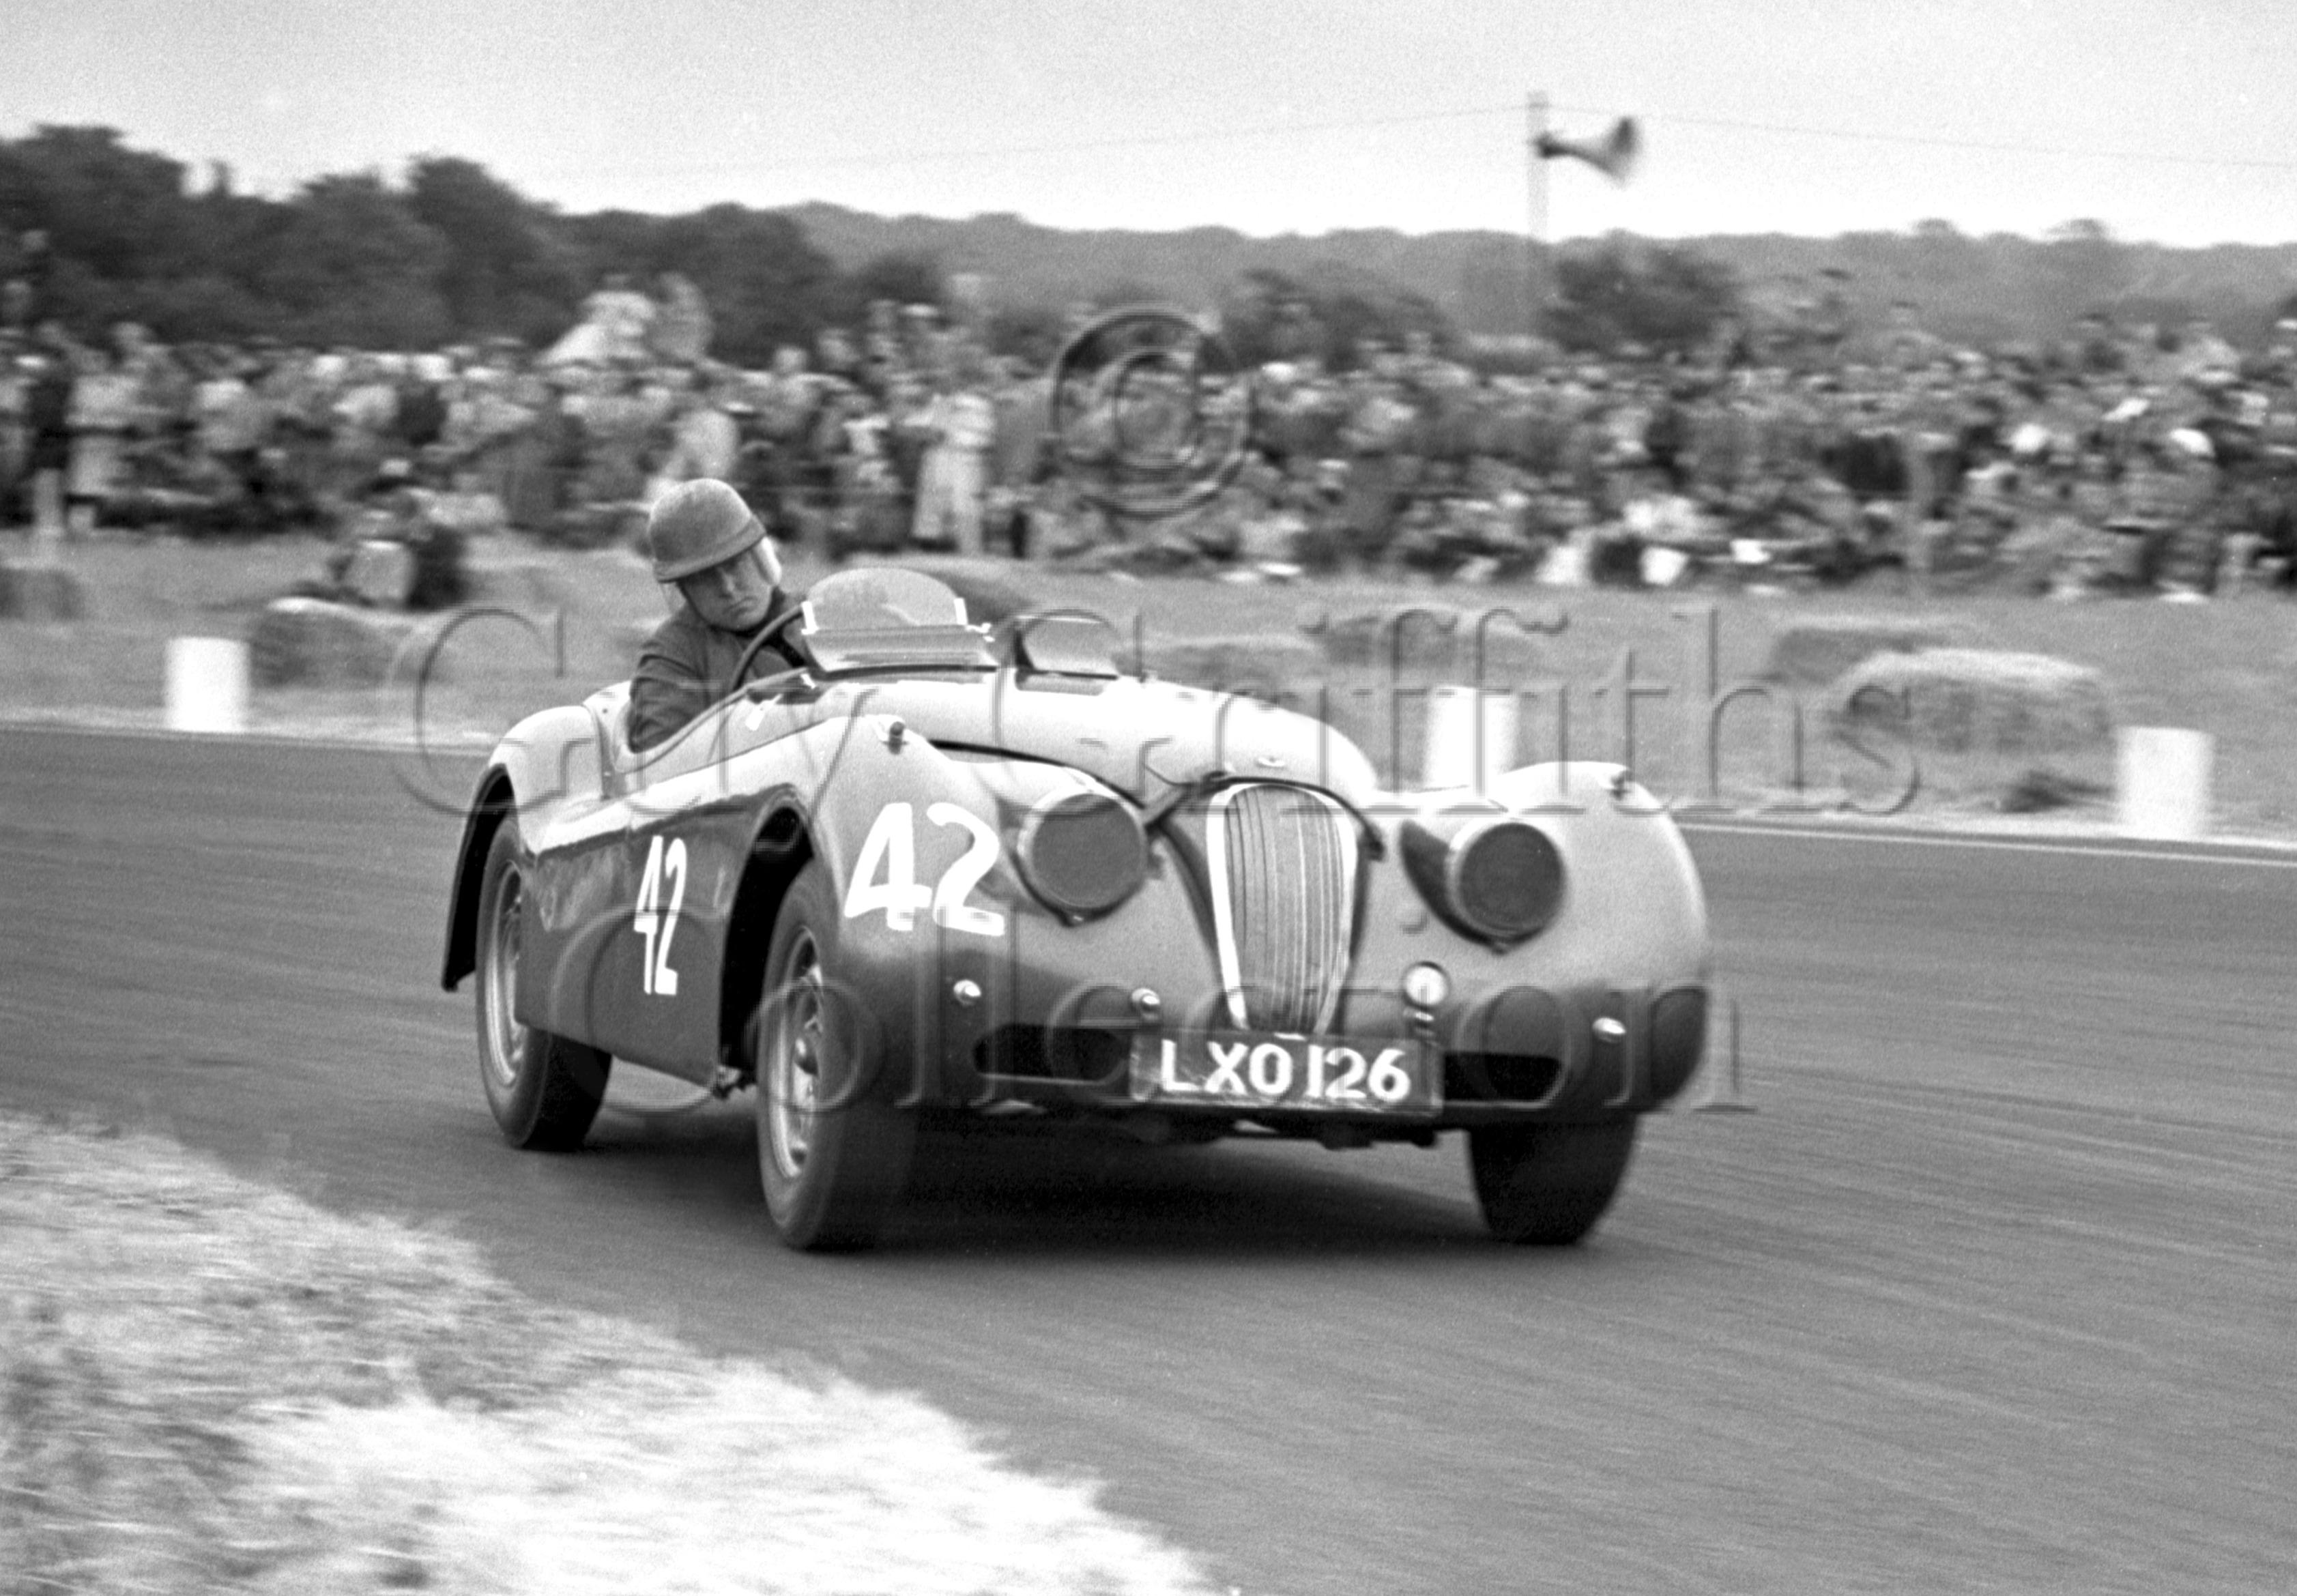 59-362–J-L-M-Scott-Douglas–Jaguar-XK-120-LXO-126–Boreham–02-08-1952.jpg - Guy Griffiths Collection